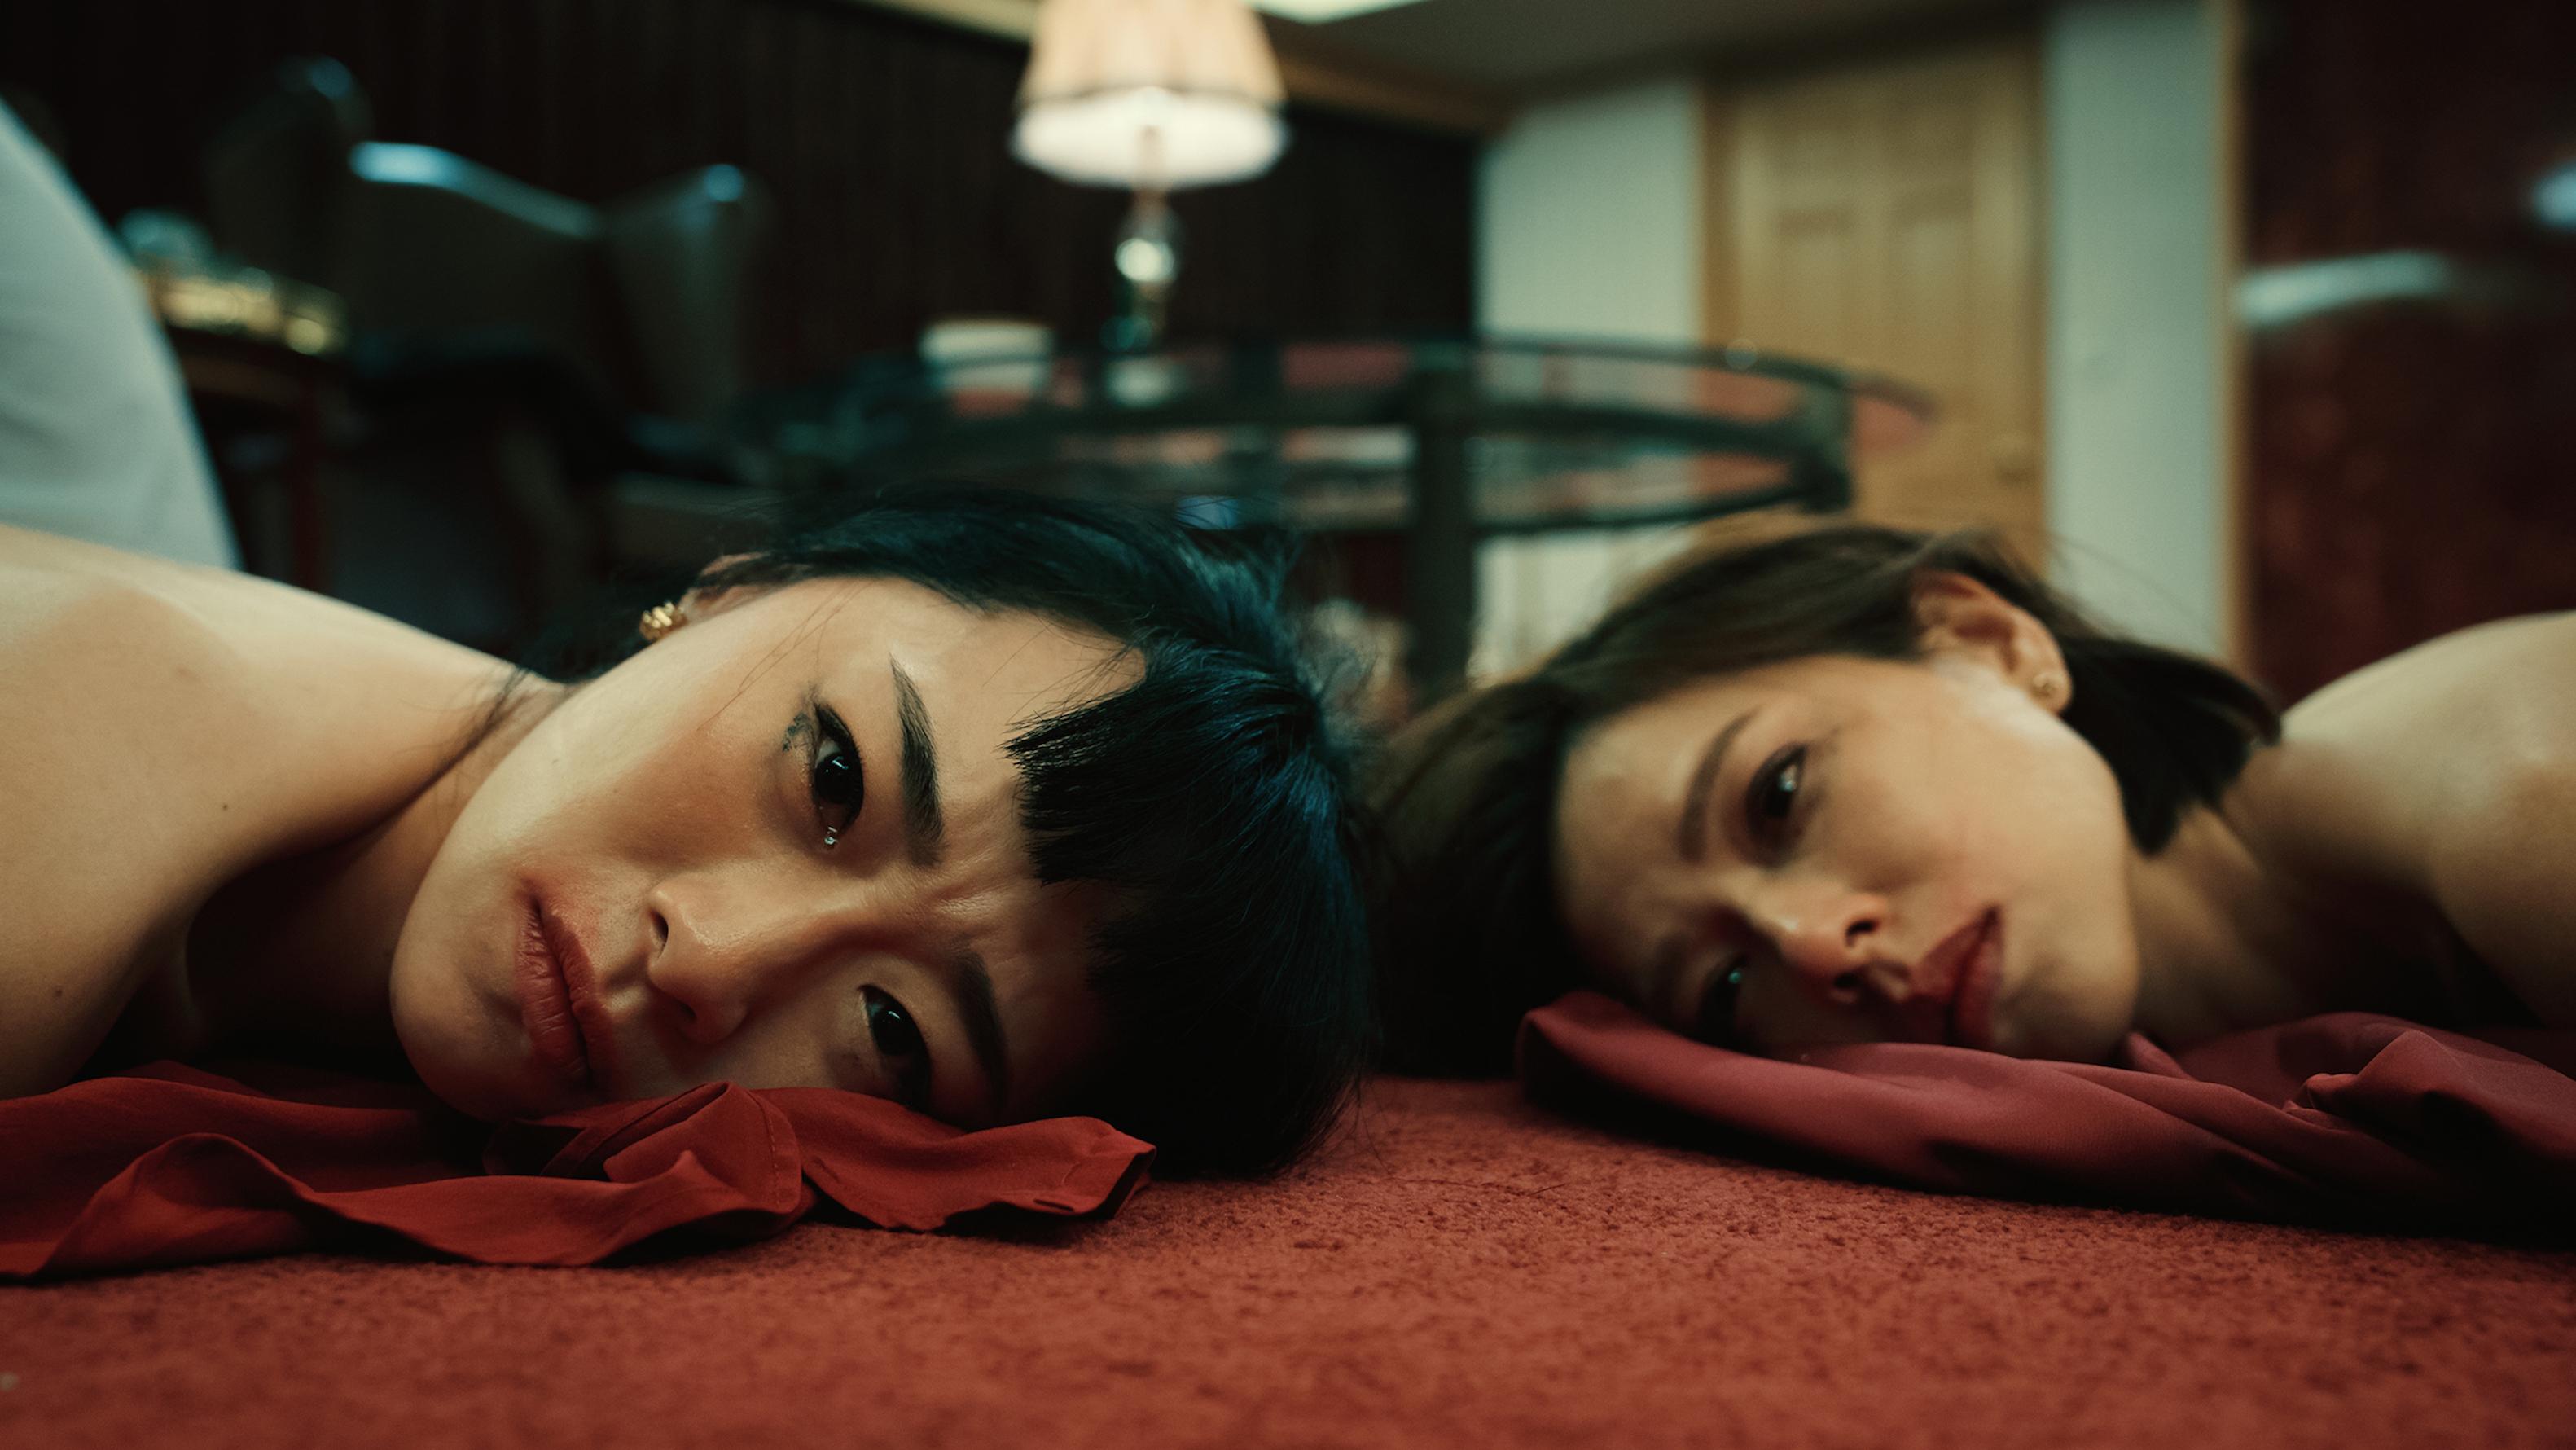 《灼人秘密》於紐約舉辦全美首映及院線上映開幕活動 趙德胤、吳可熙將連袂出席